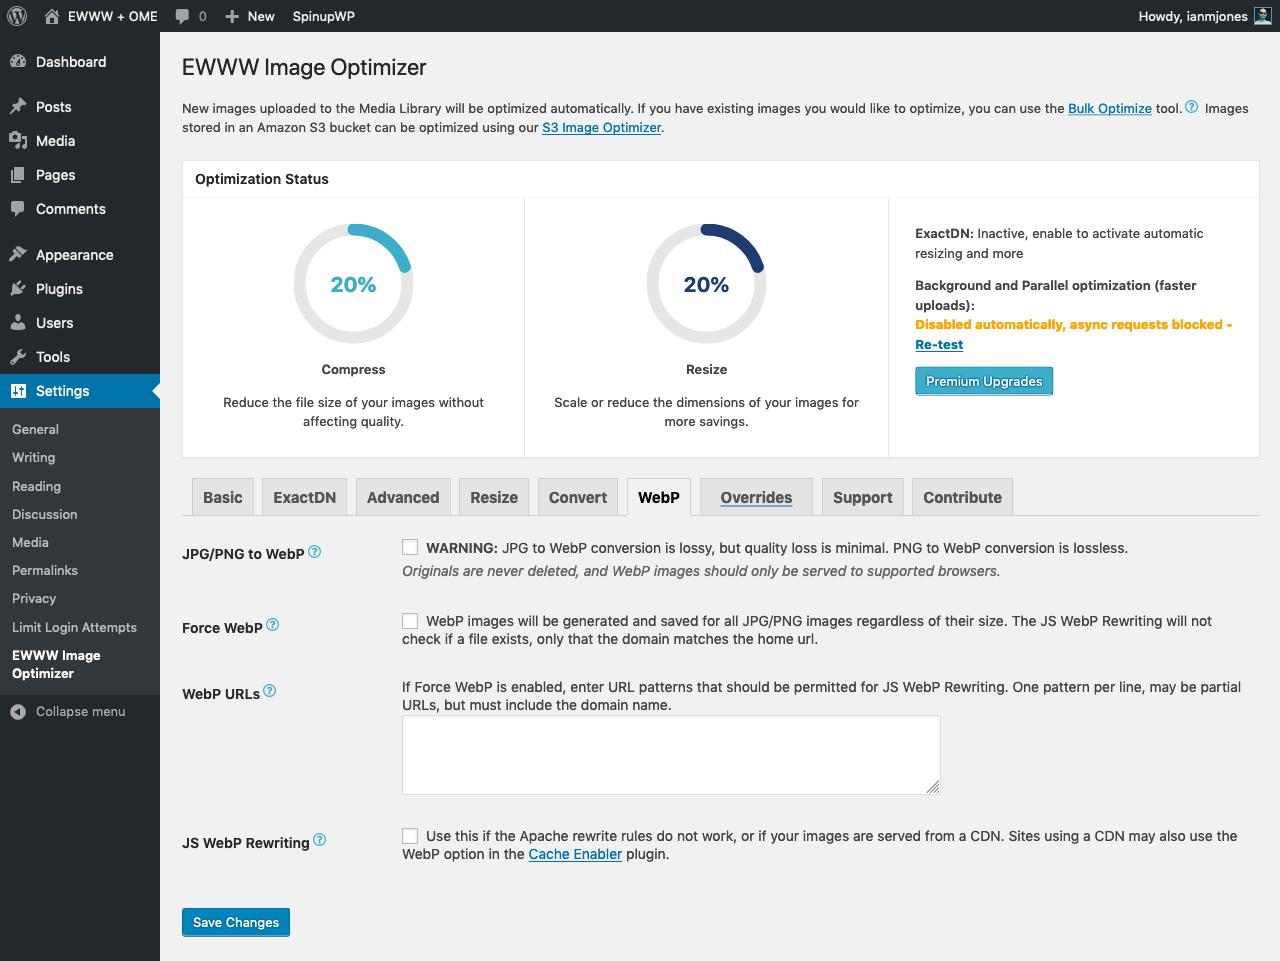 EWWW + OME WebP Settings 01 - Before